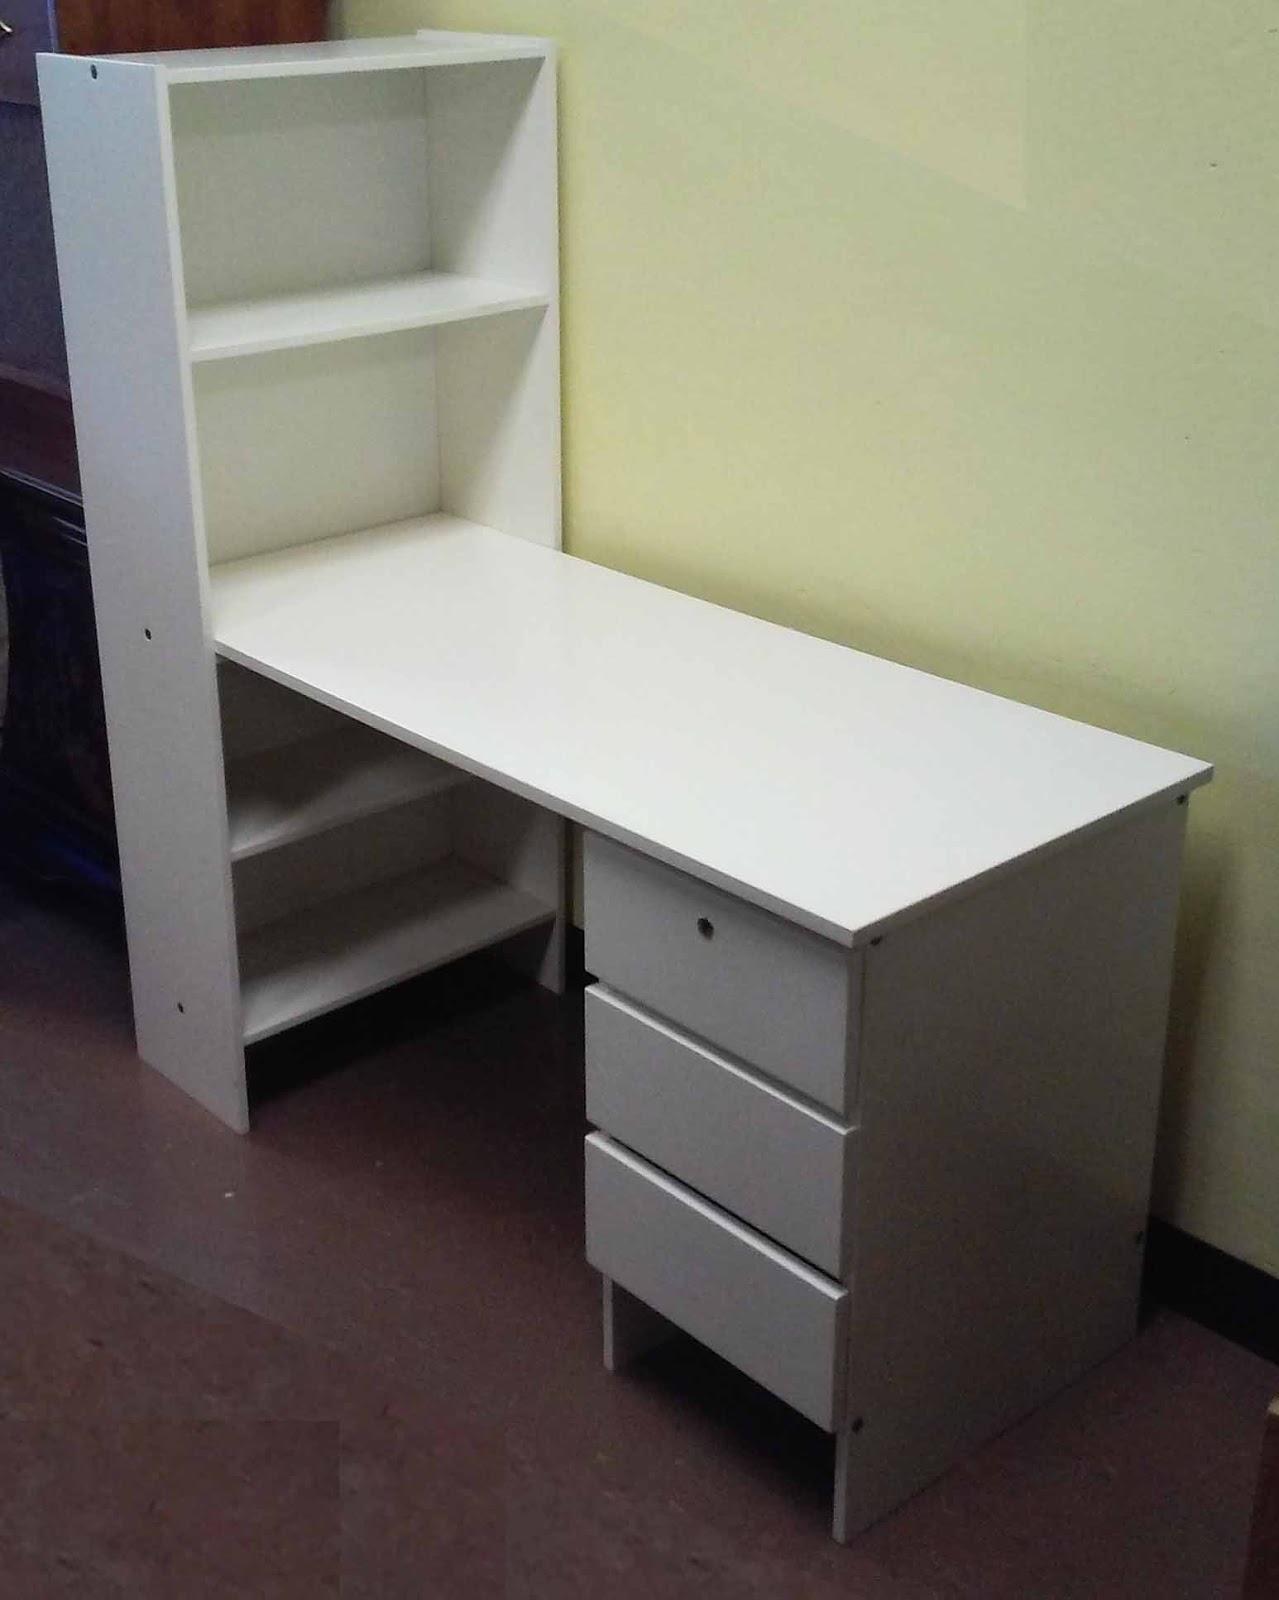 uhuru furniture collectibles sold white shelf desk unit. Black Bedroom Furniture Sets. Home Design Ideas